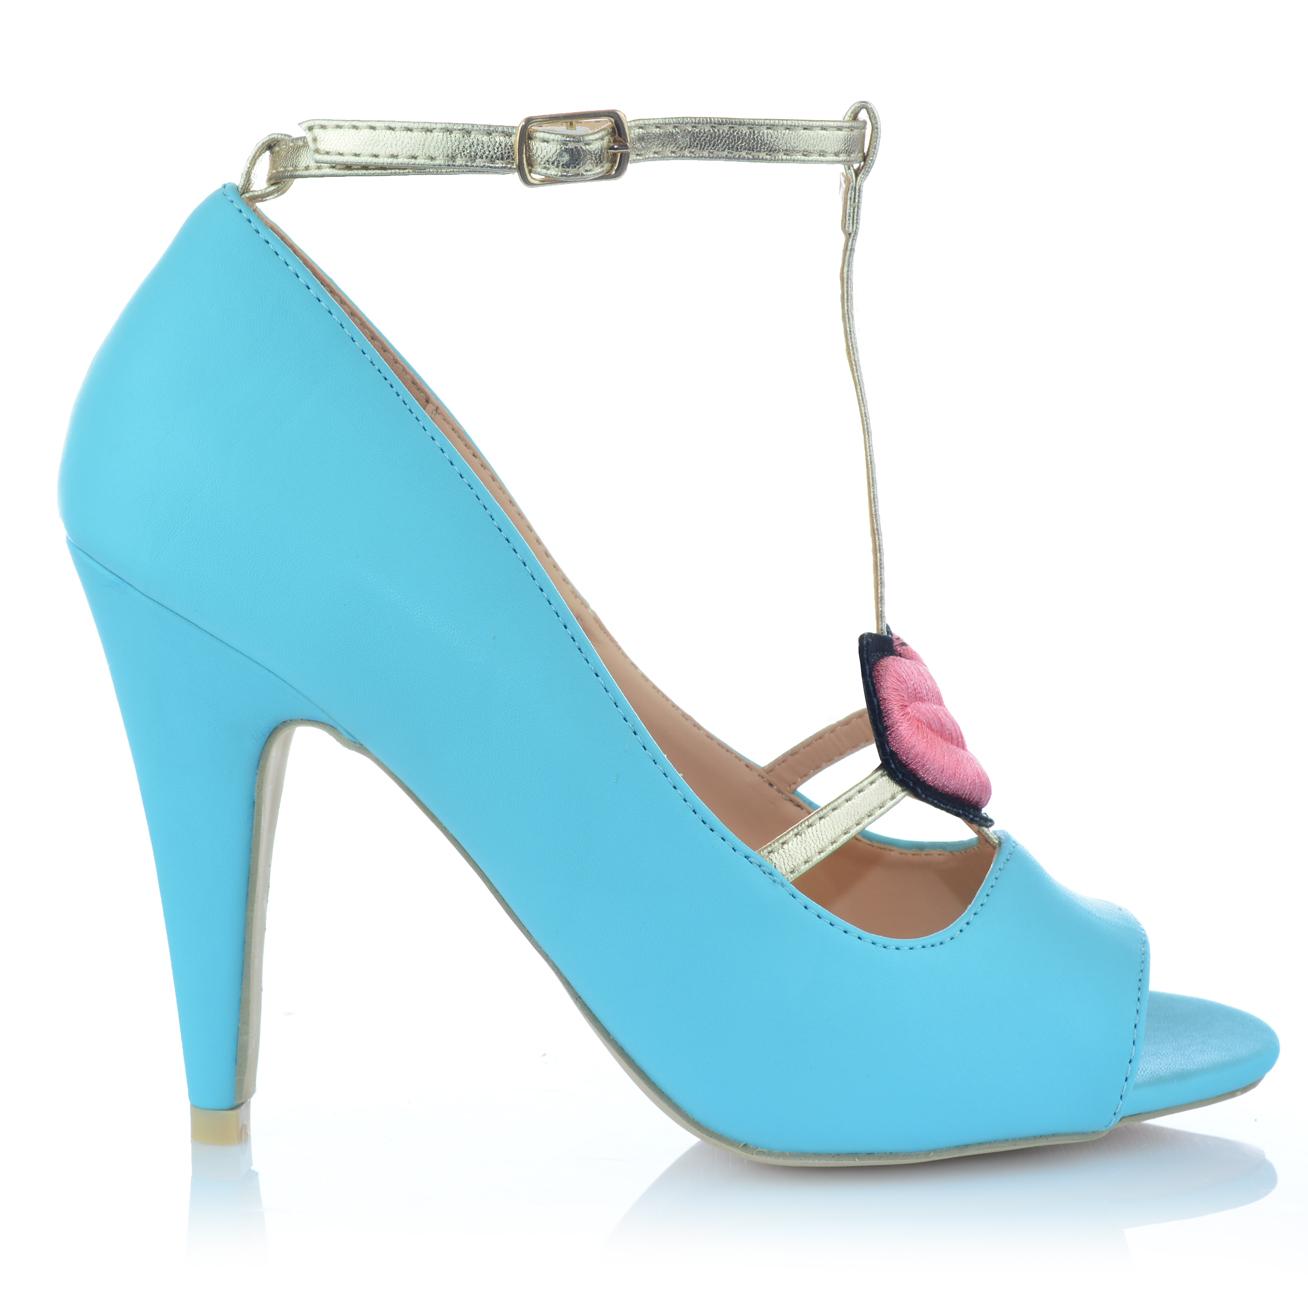 Zapatos-senora-tacon-alto-Stiletto-pumps-noche-zapatos-peep-con-tiras-zapatos-de-fiesta miniatura 3